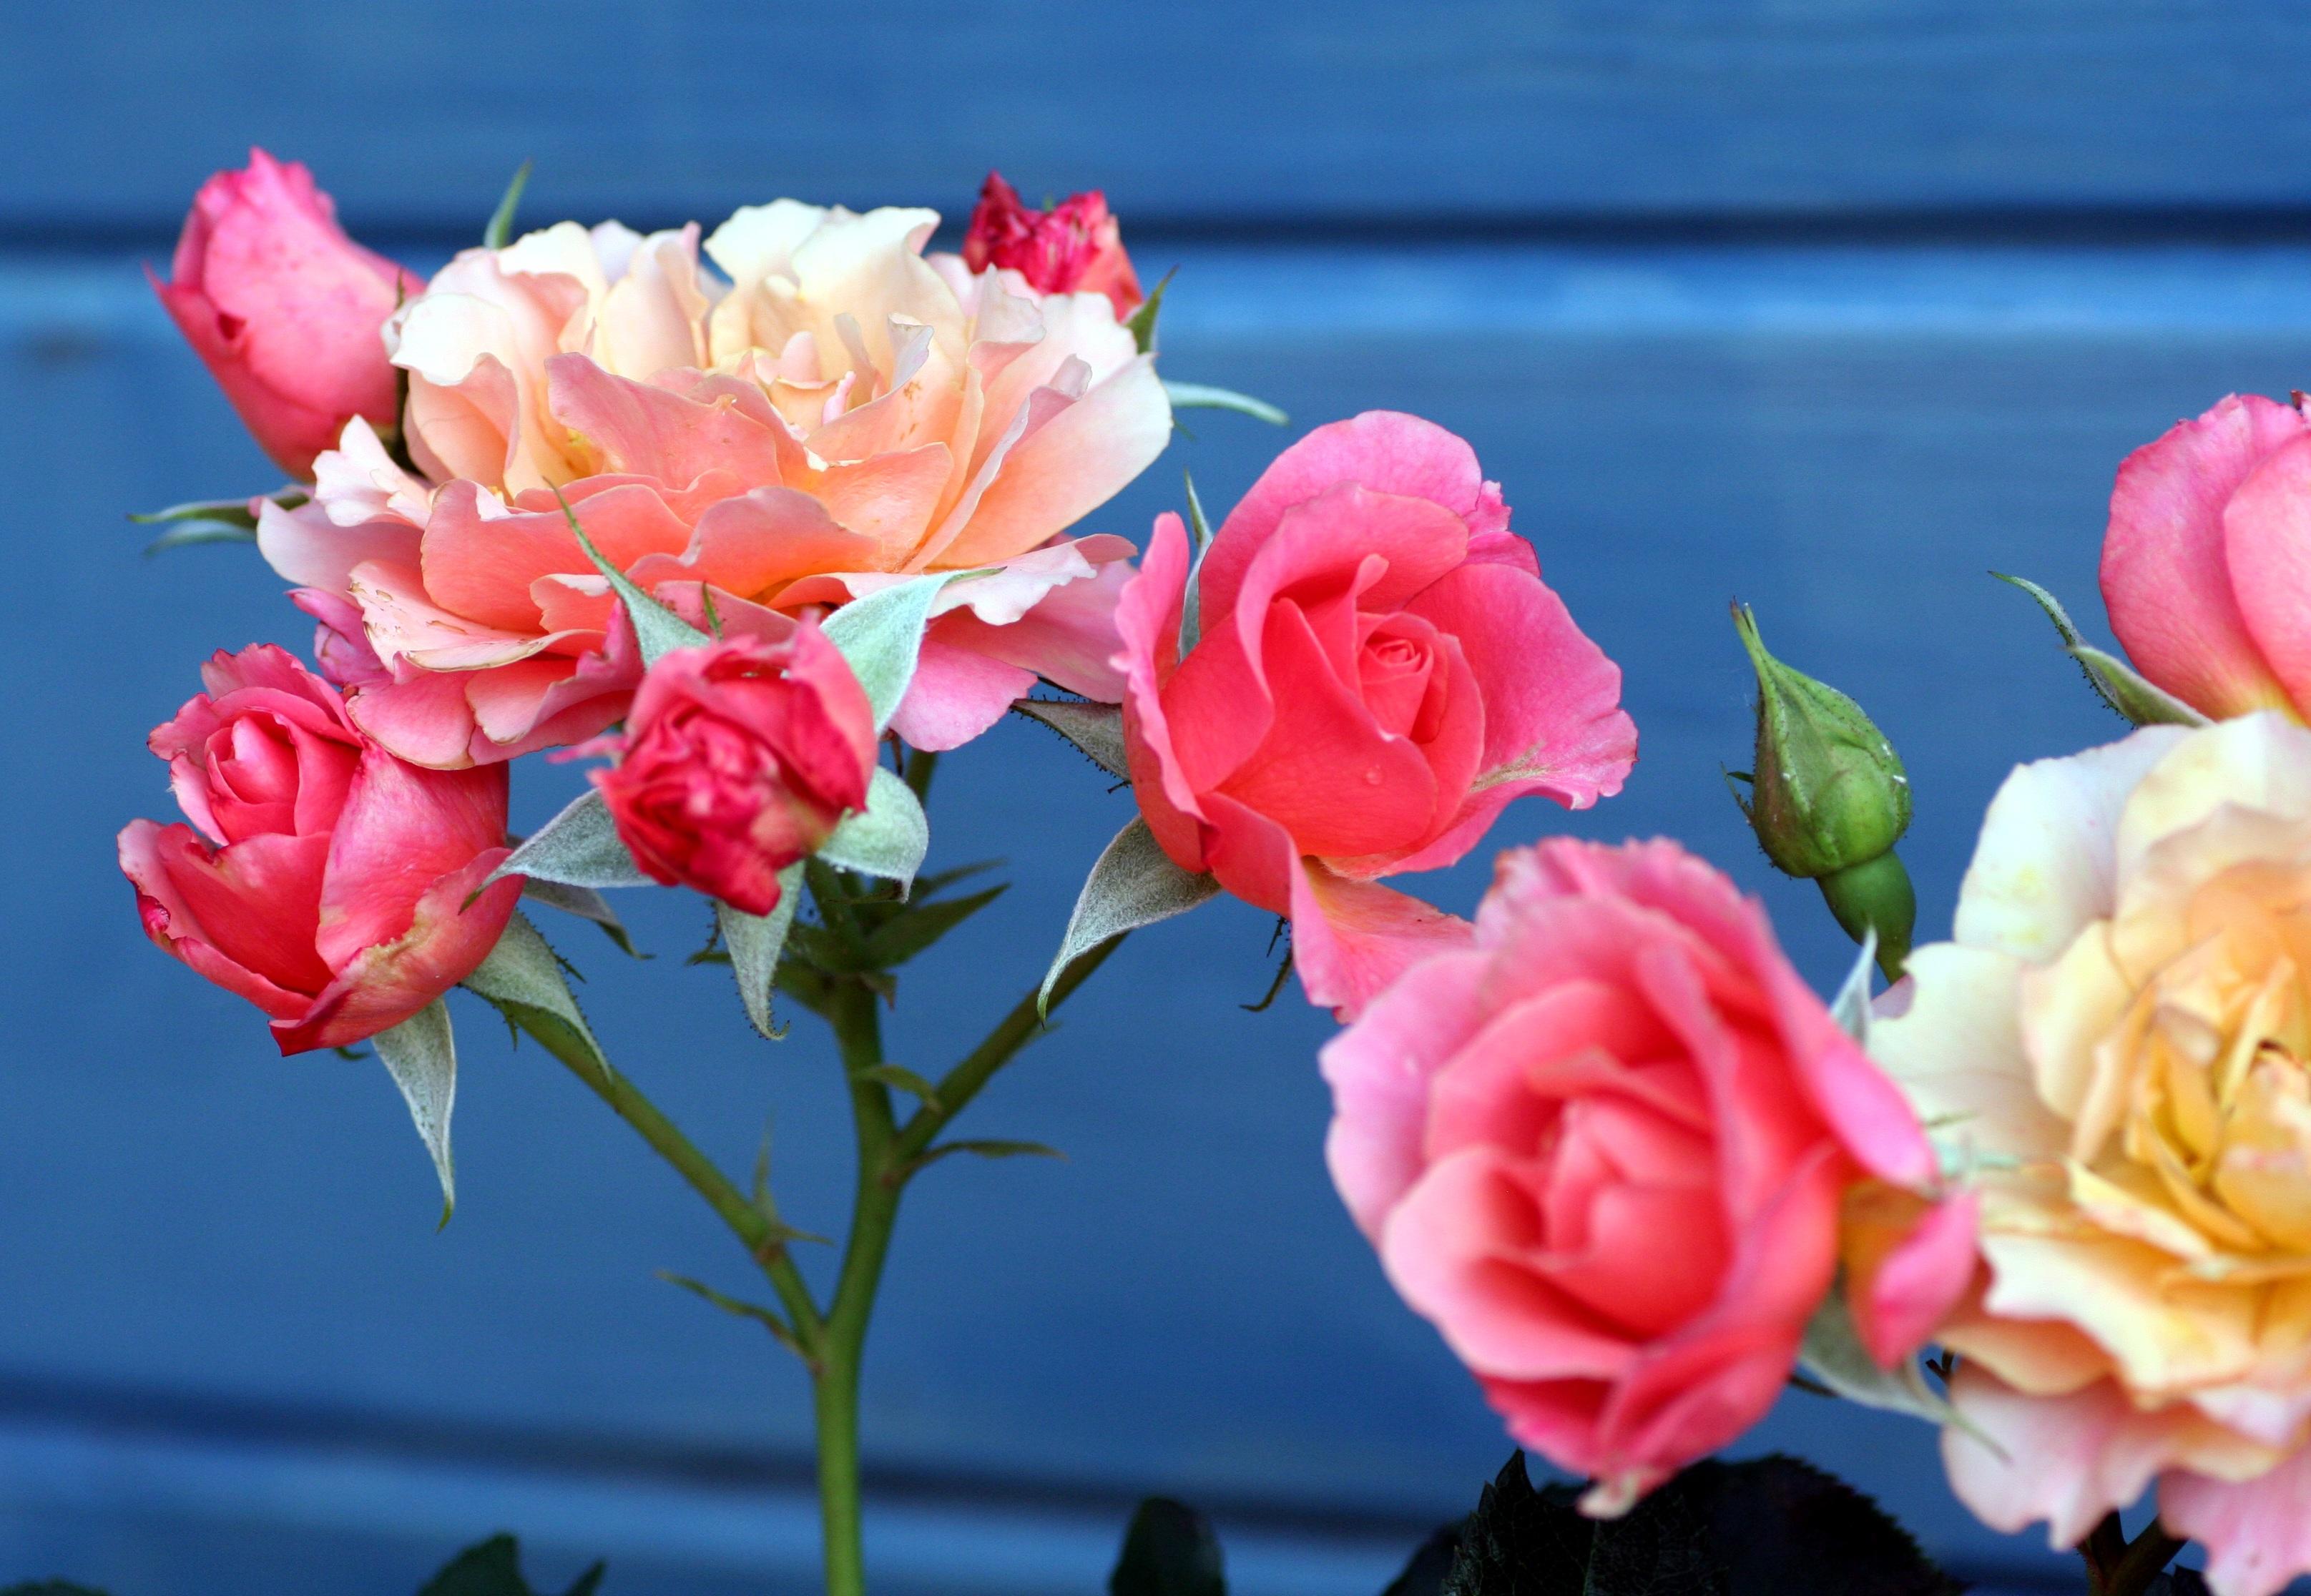 images gratuites : pétale, flore, des roses, feuilles, tiges